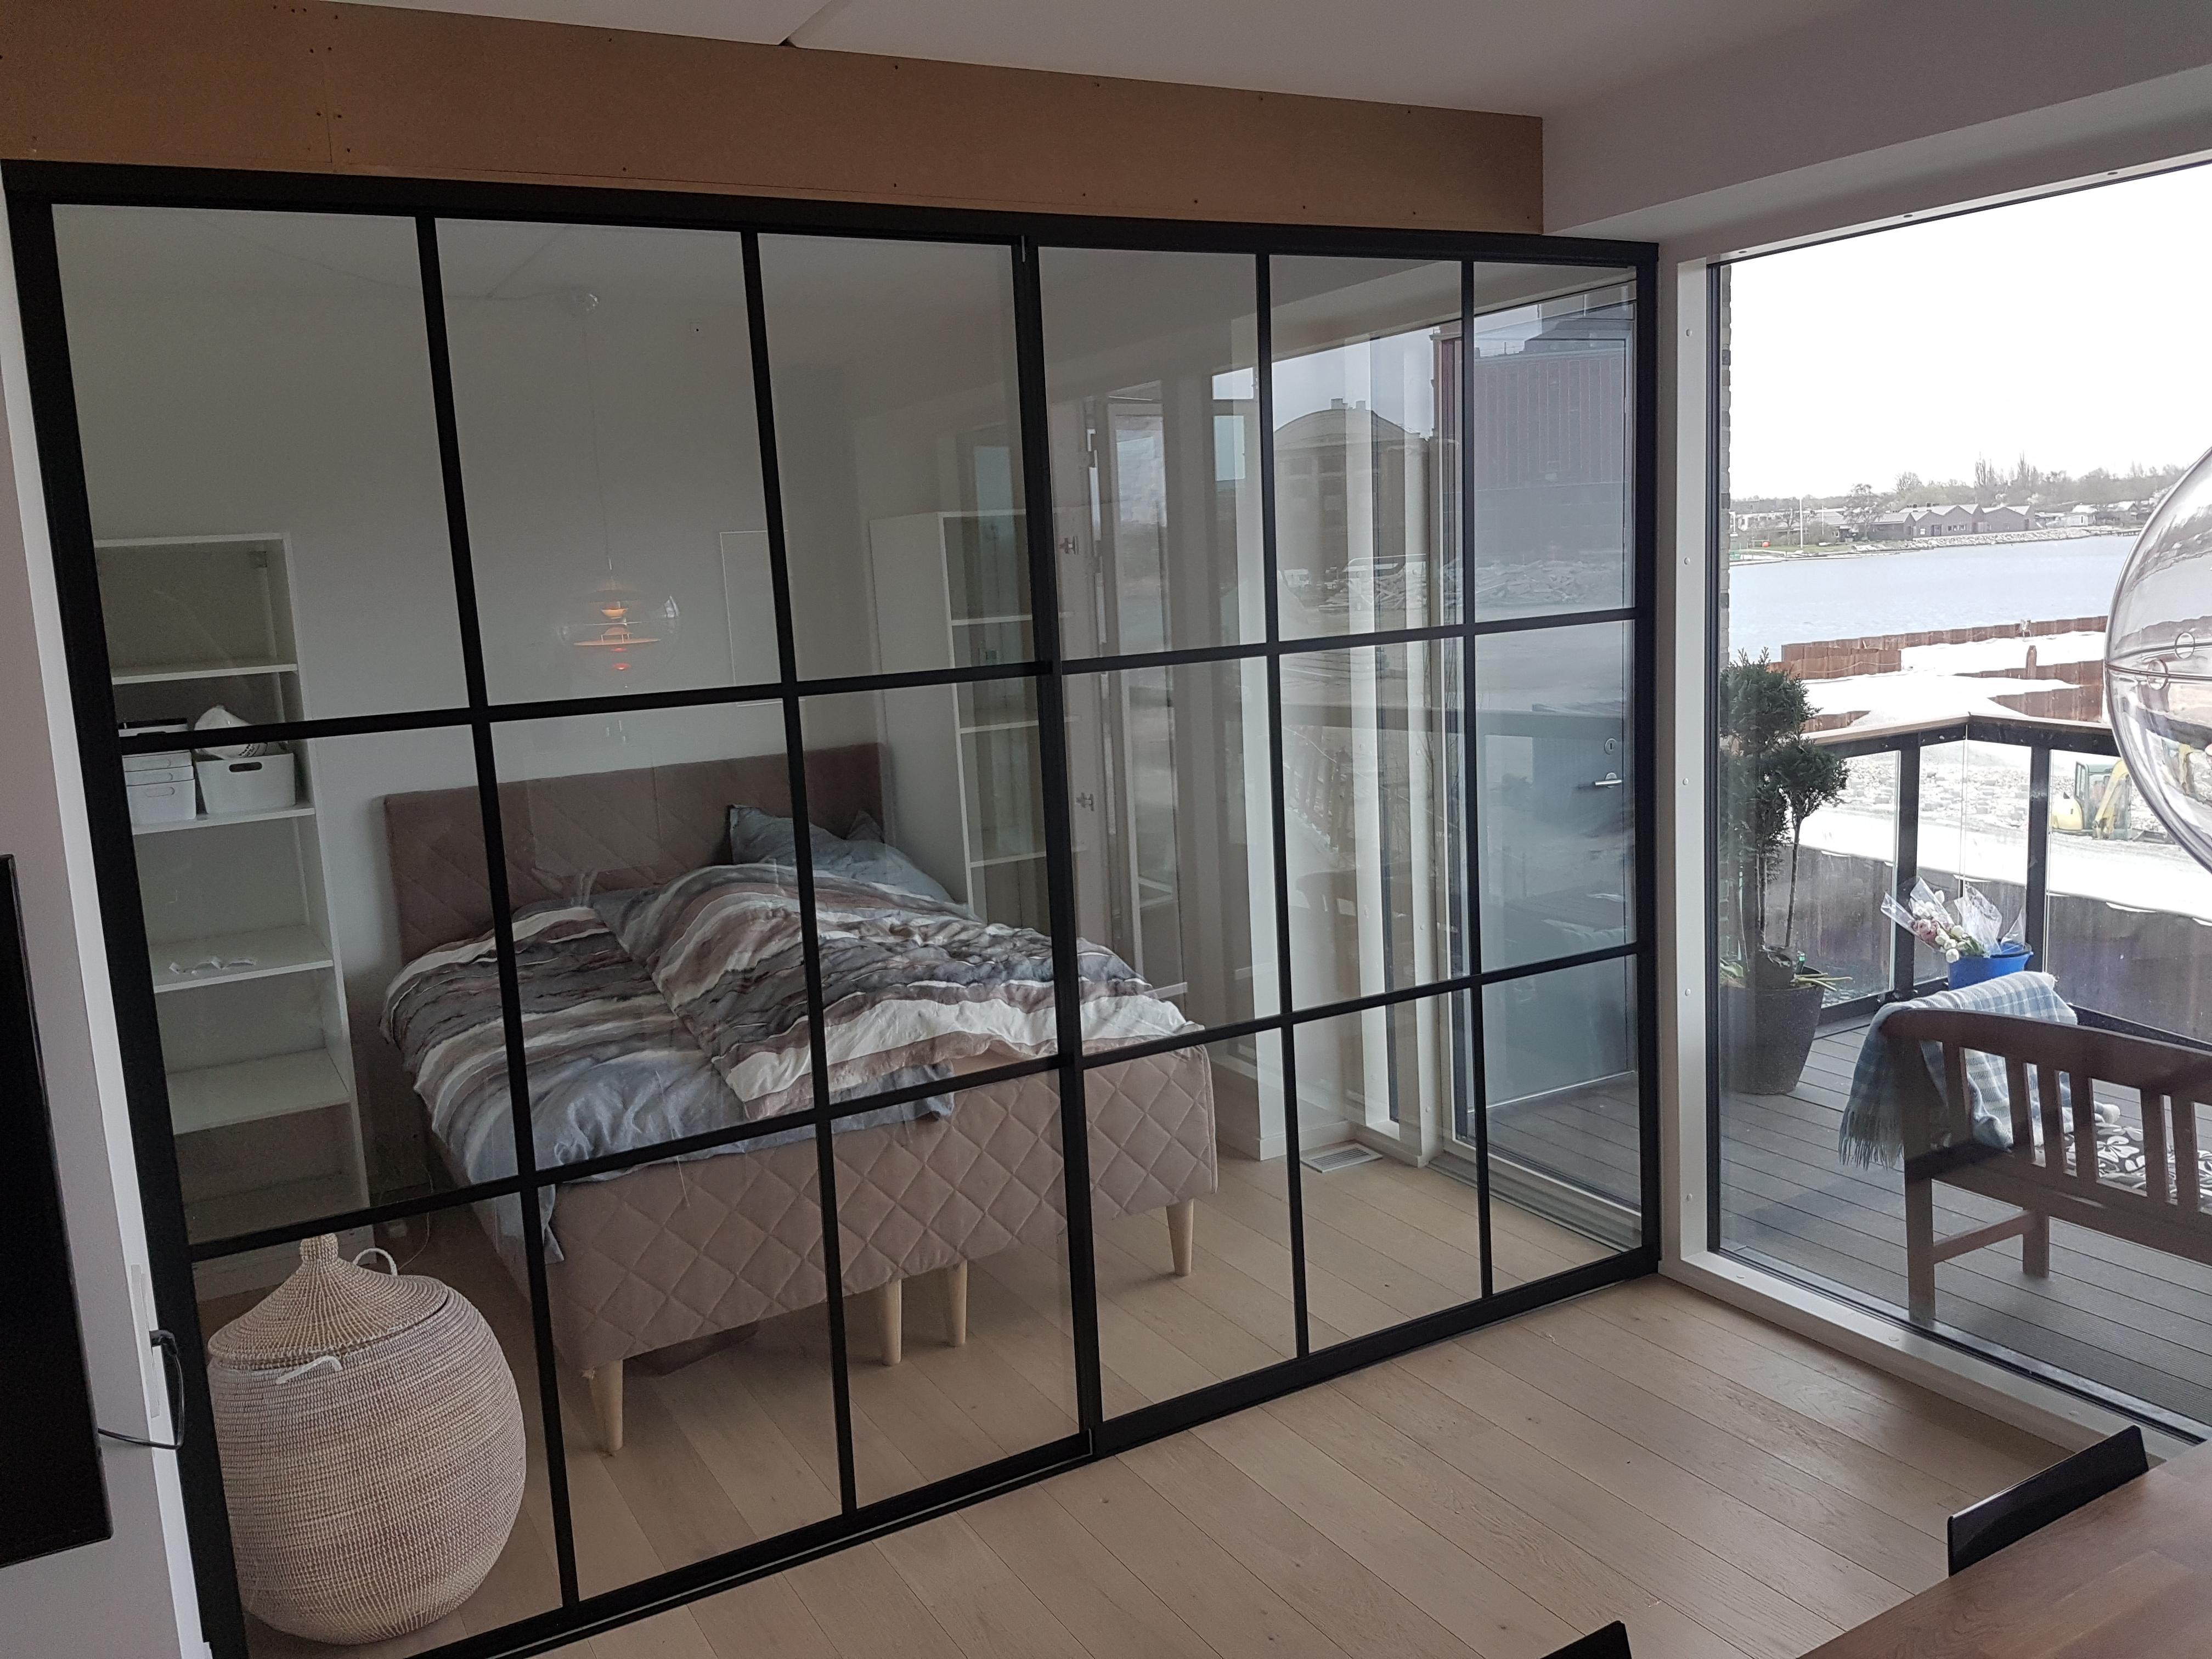 glasvæg Glasvæg med skydedør til lejlighed i København   Leder IDAG glasvæg